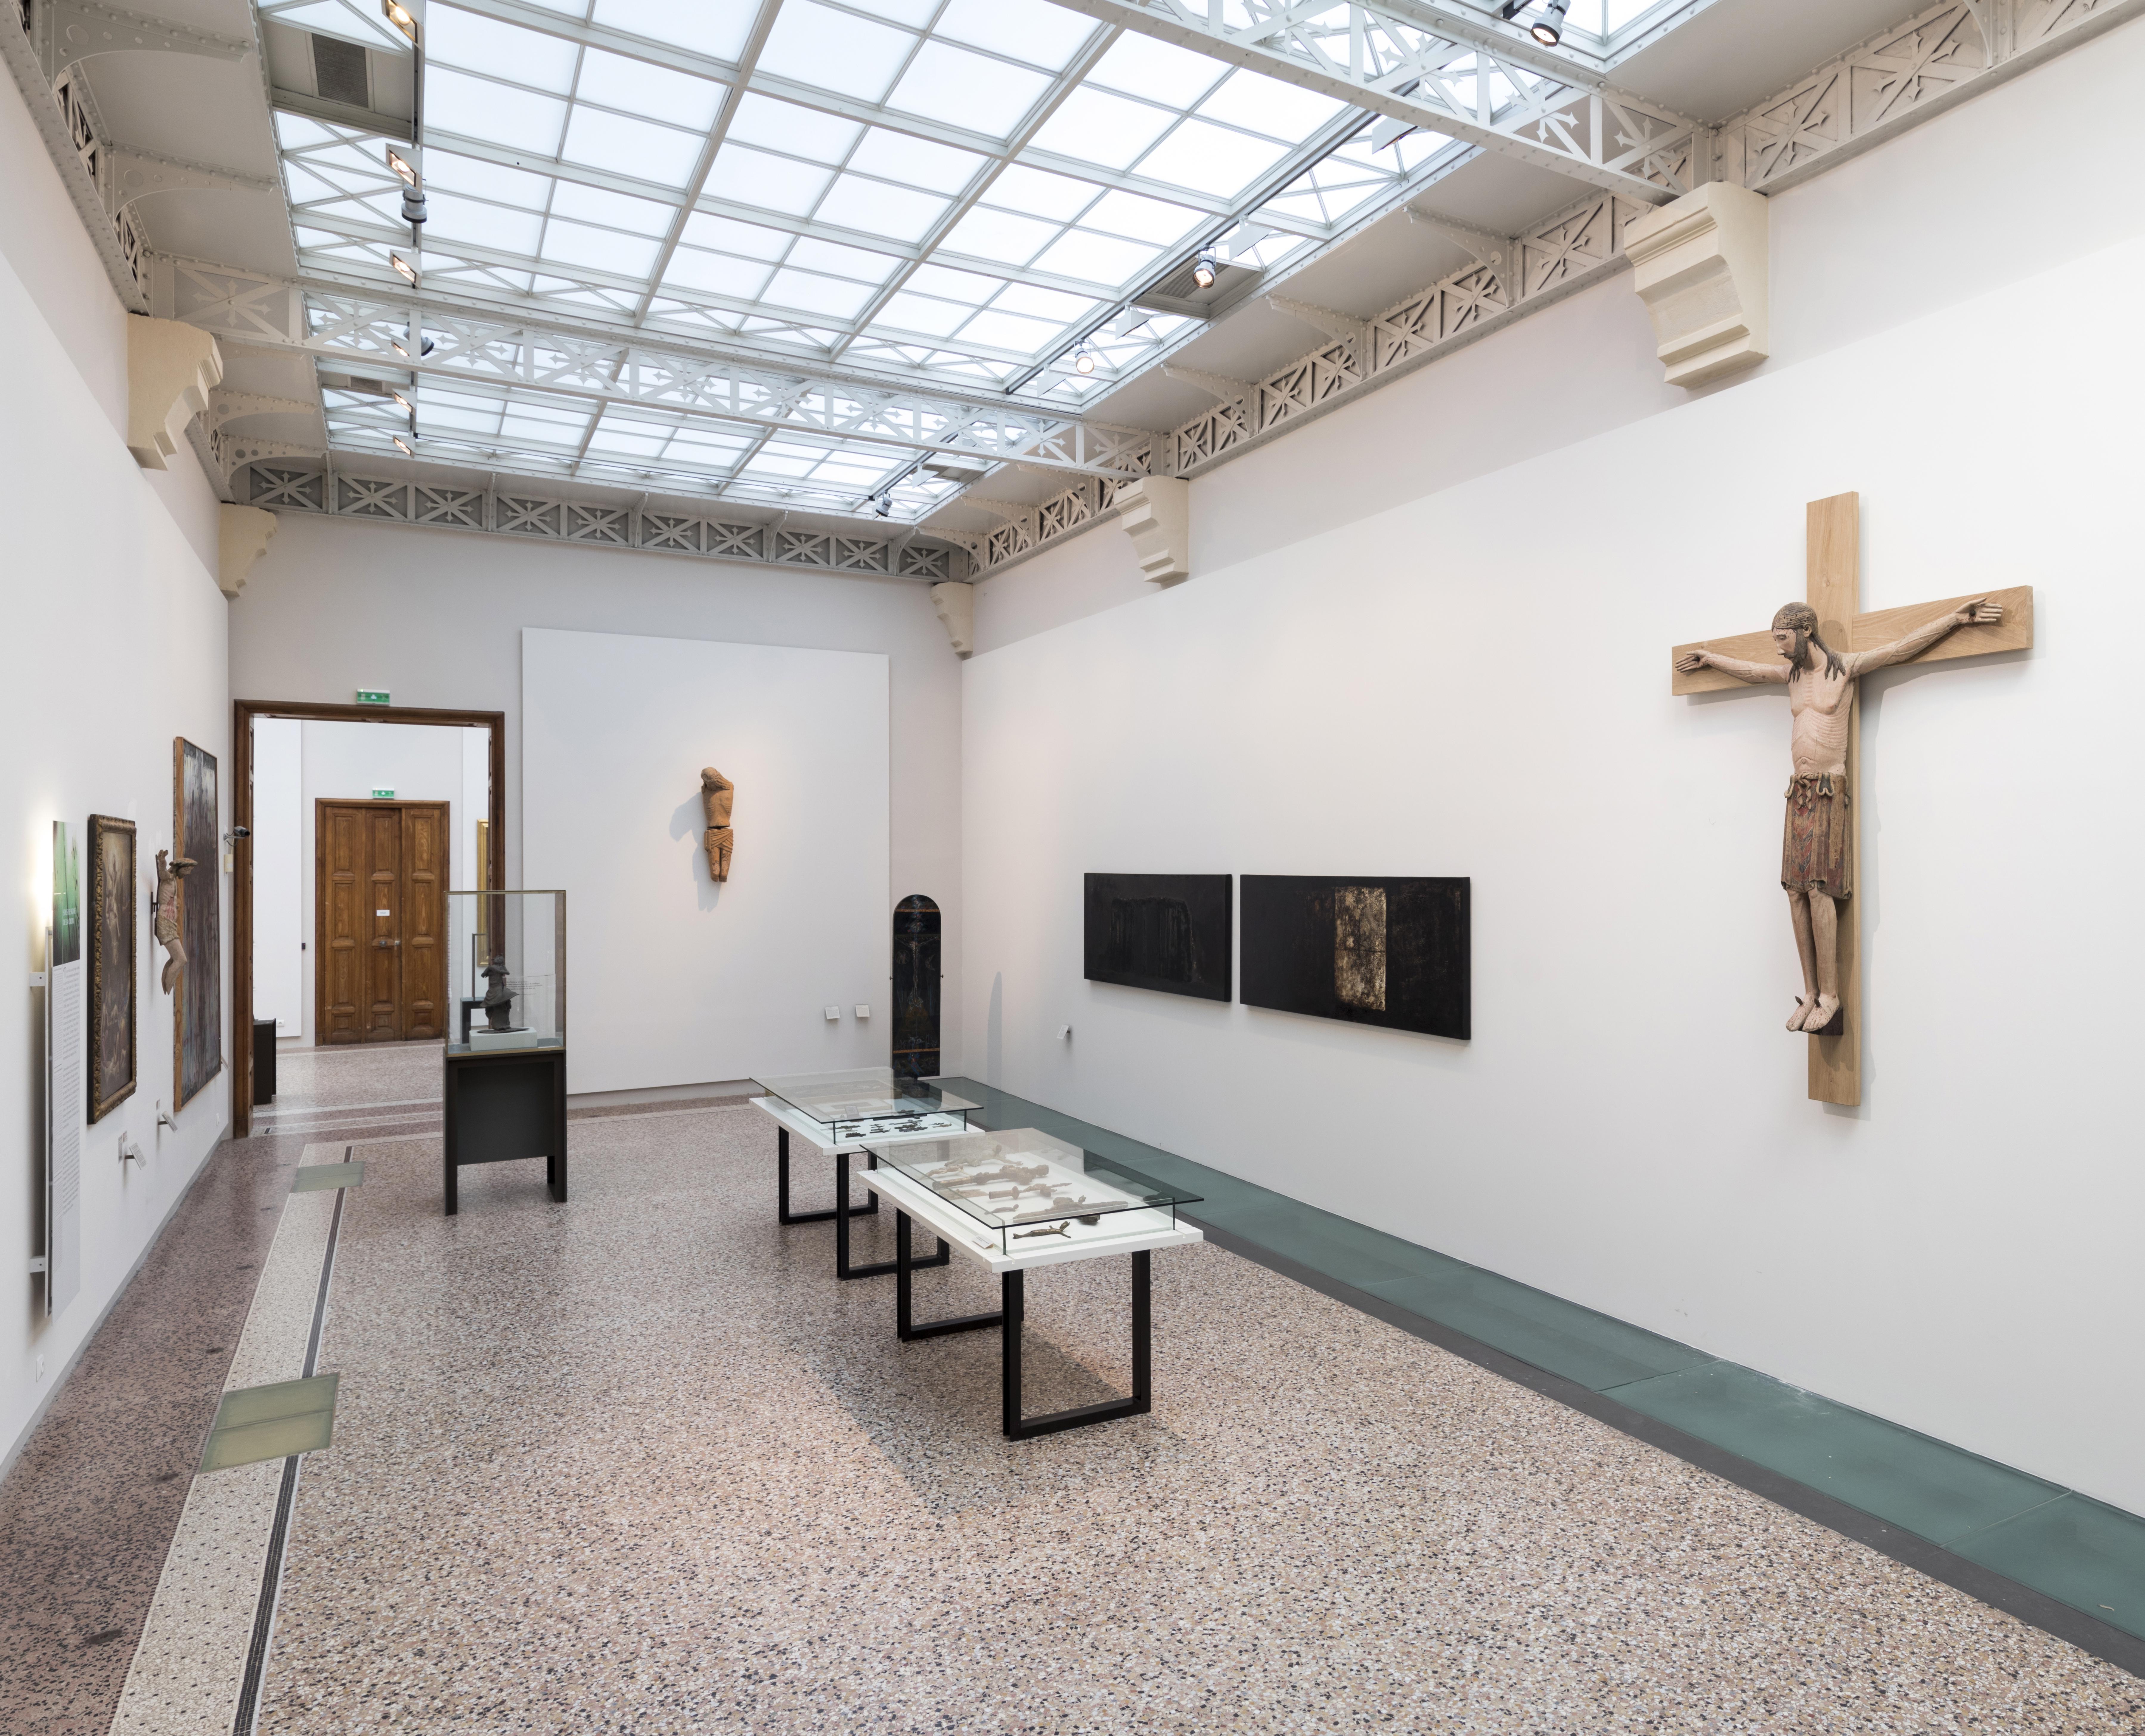 Galerie du musée et sa lumière zénithale